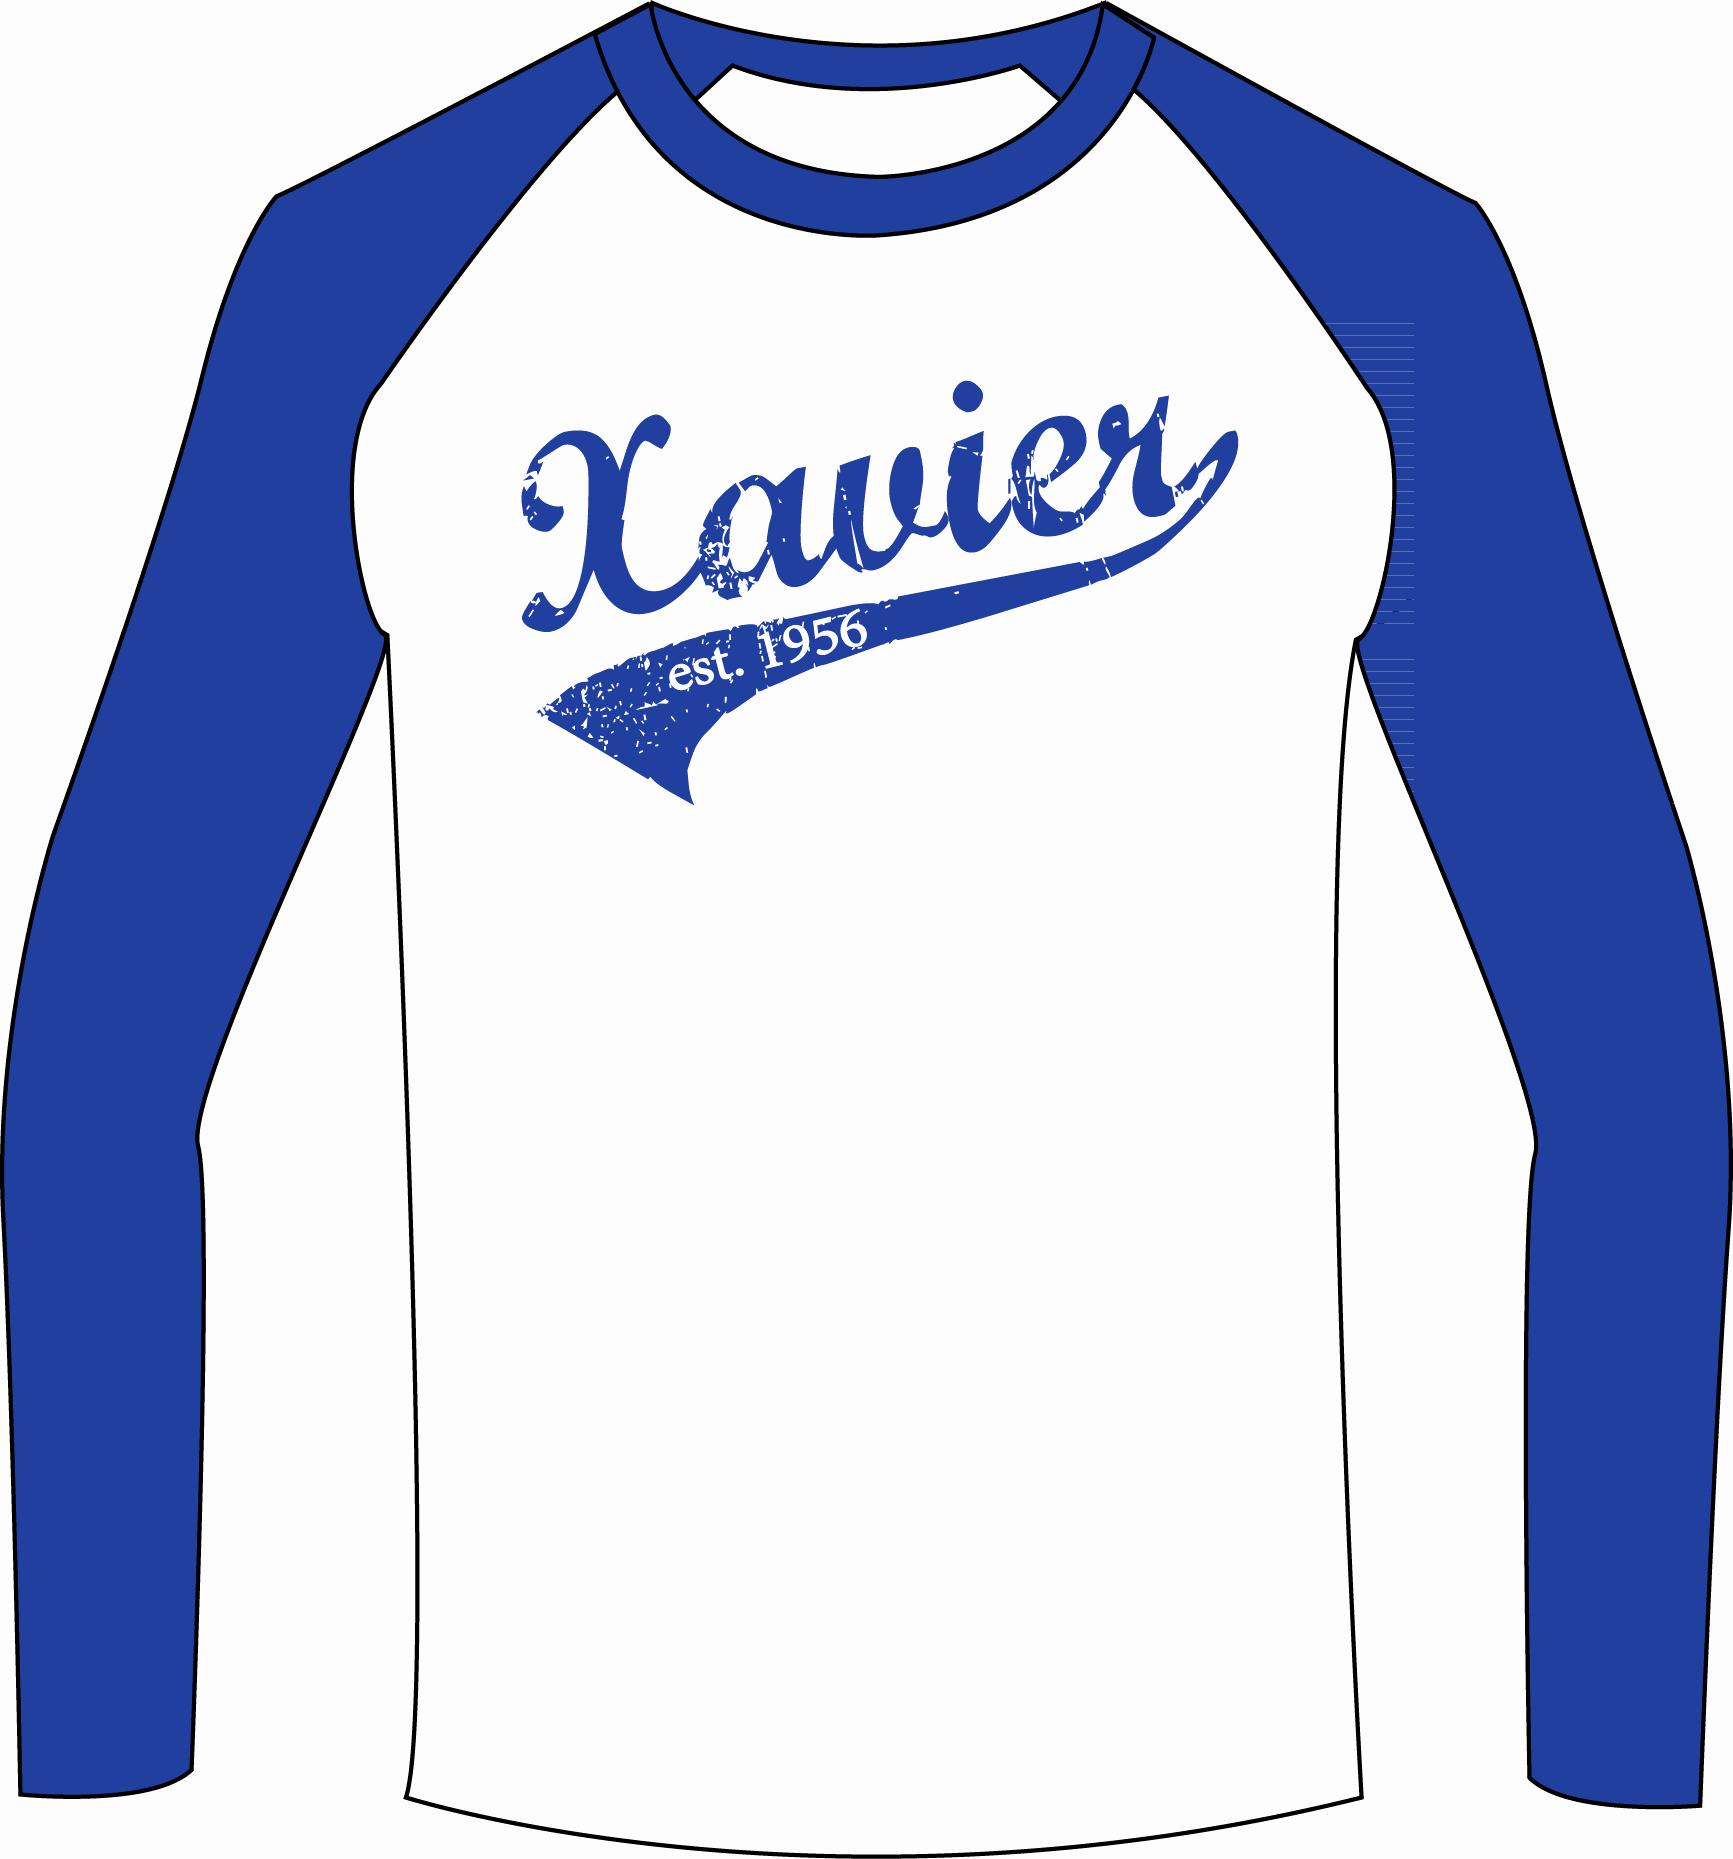 Baseball Shirt Designs Template Best Of Xavier Baseball Shirts